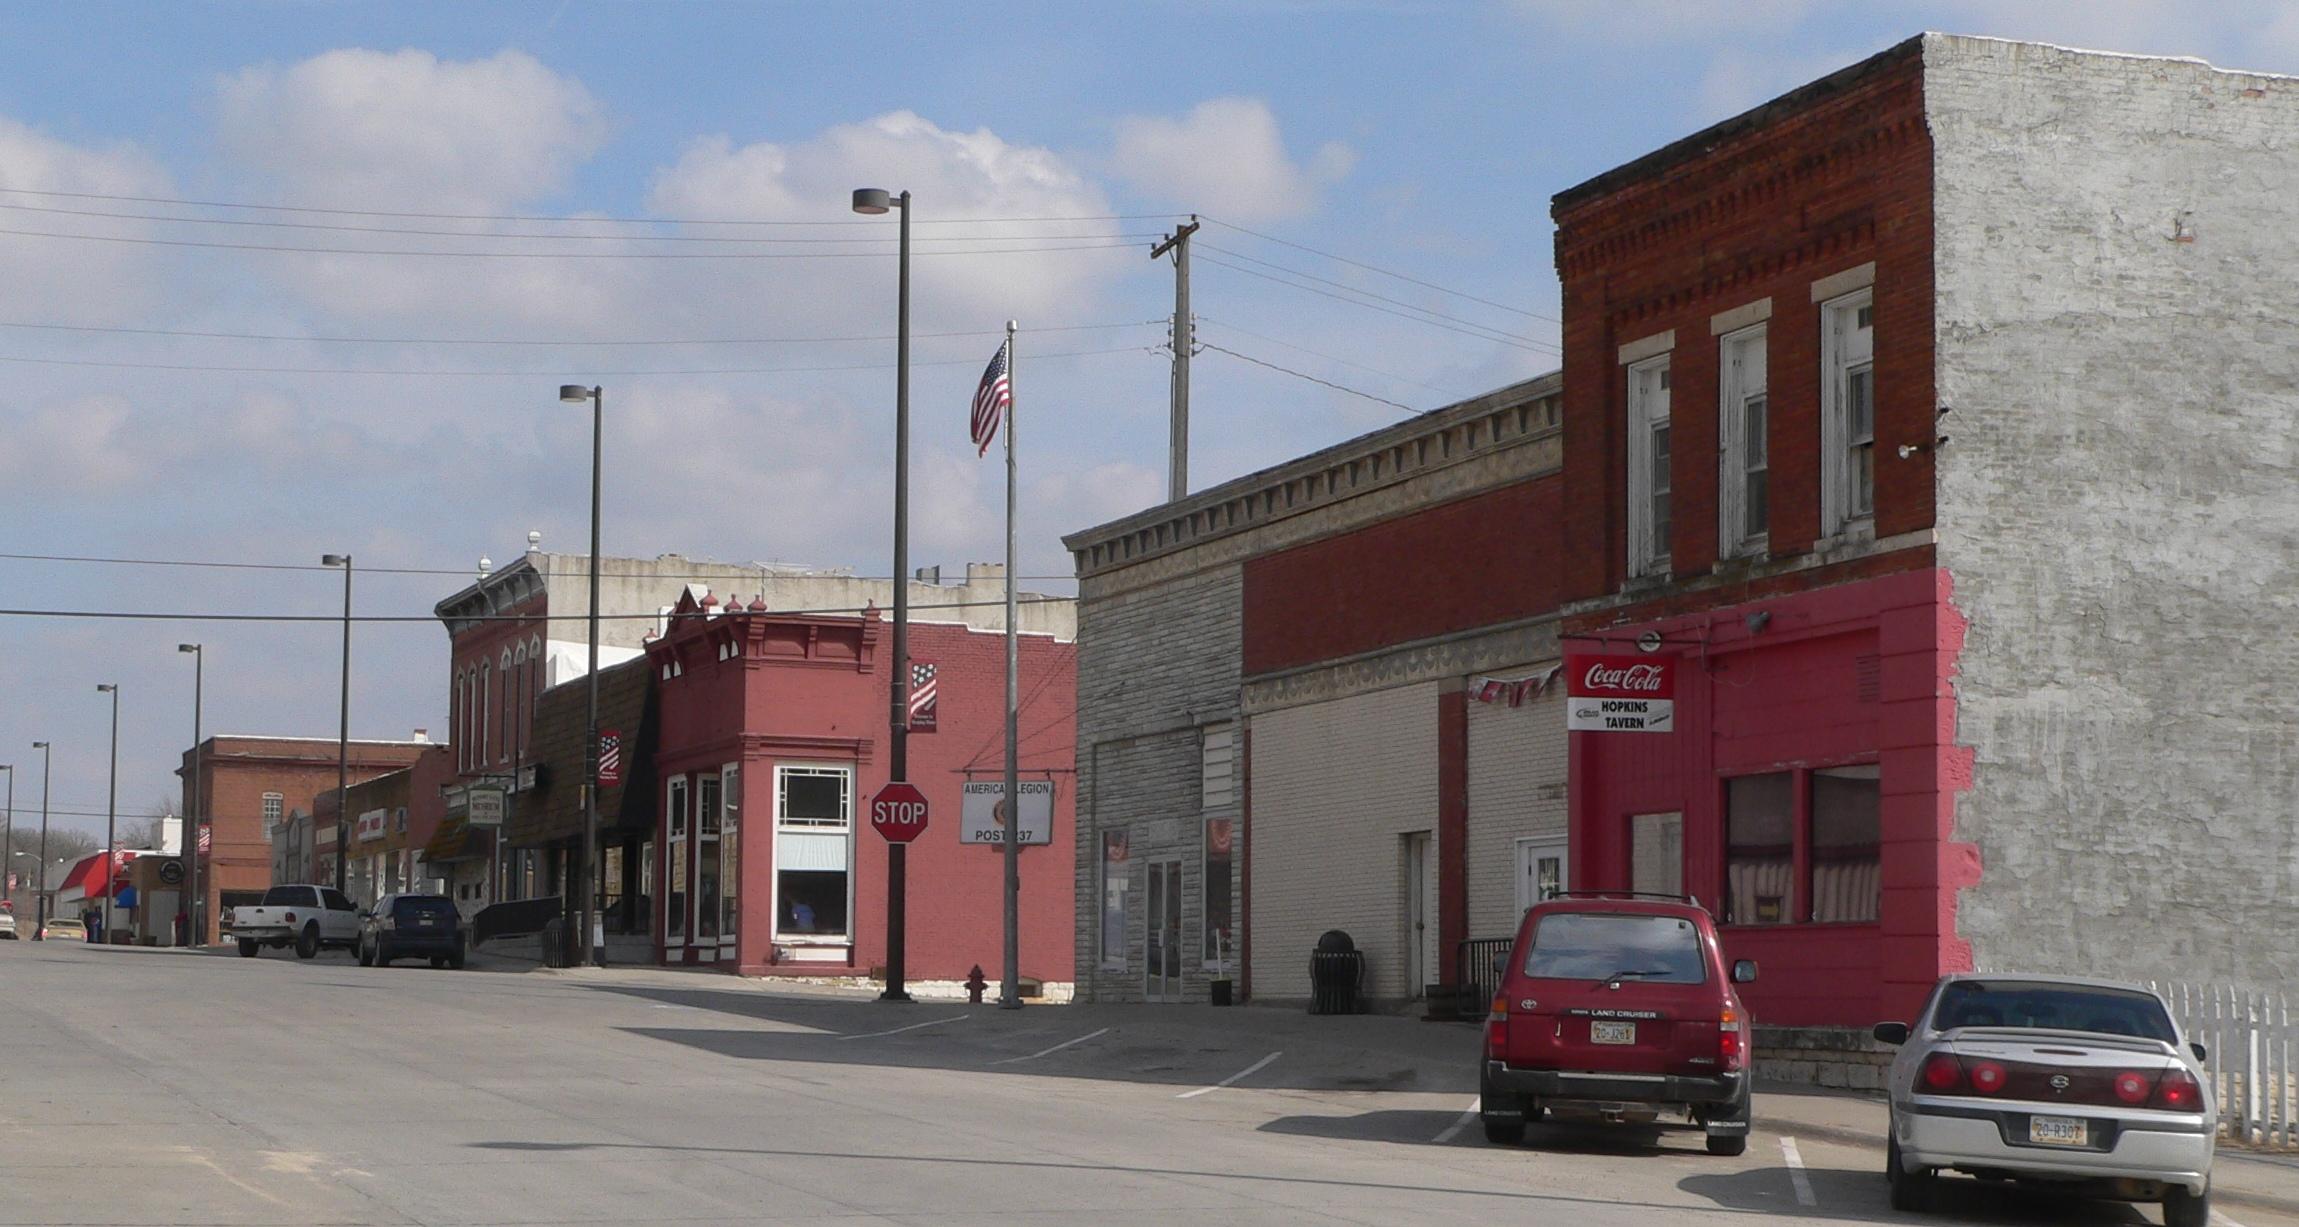 File:Weeping Water, Nebraska downtown 2.JPG - Wikimedia